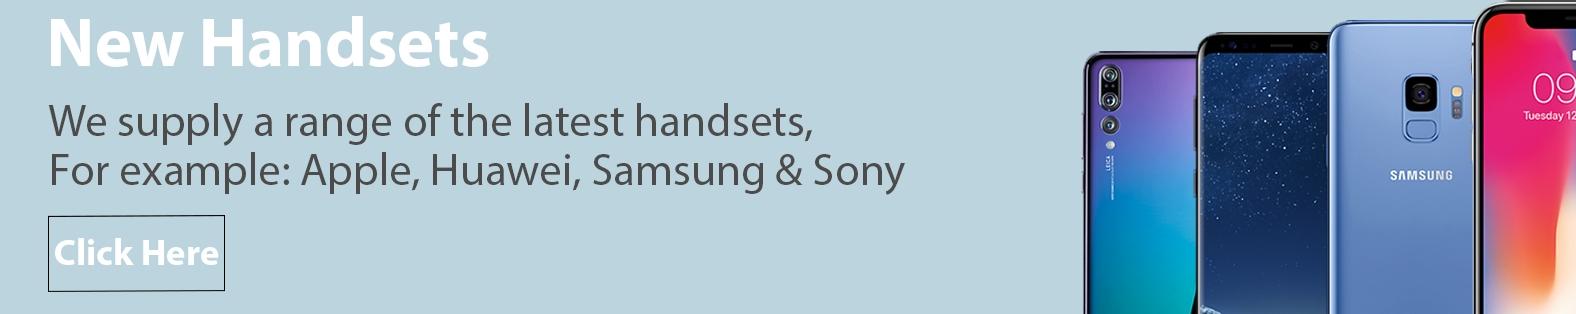 new handset banner